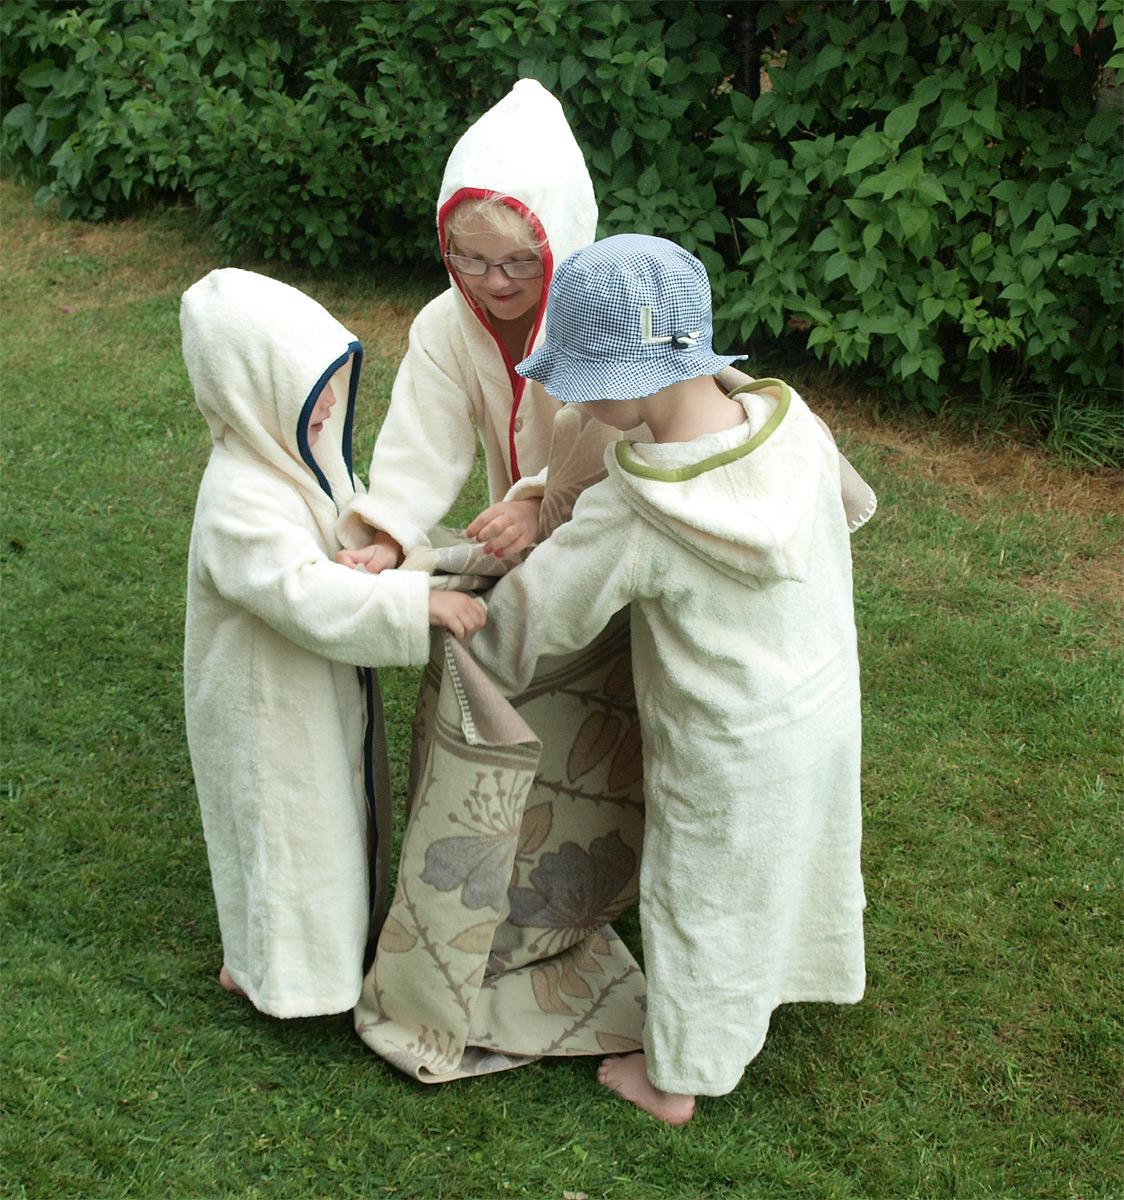 Minimundus badkappa badrock av 100% ekologisk bomullfrotté med kant av ekologisk bomul